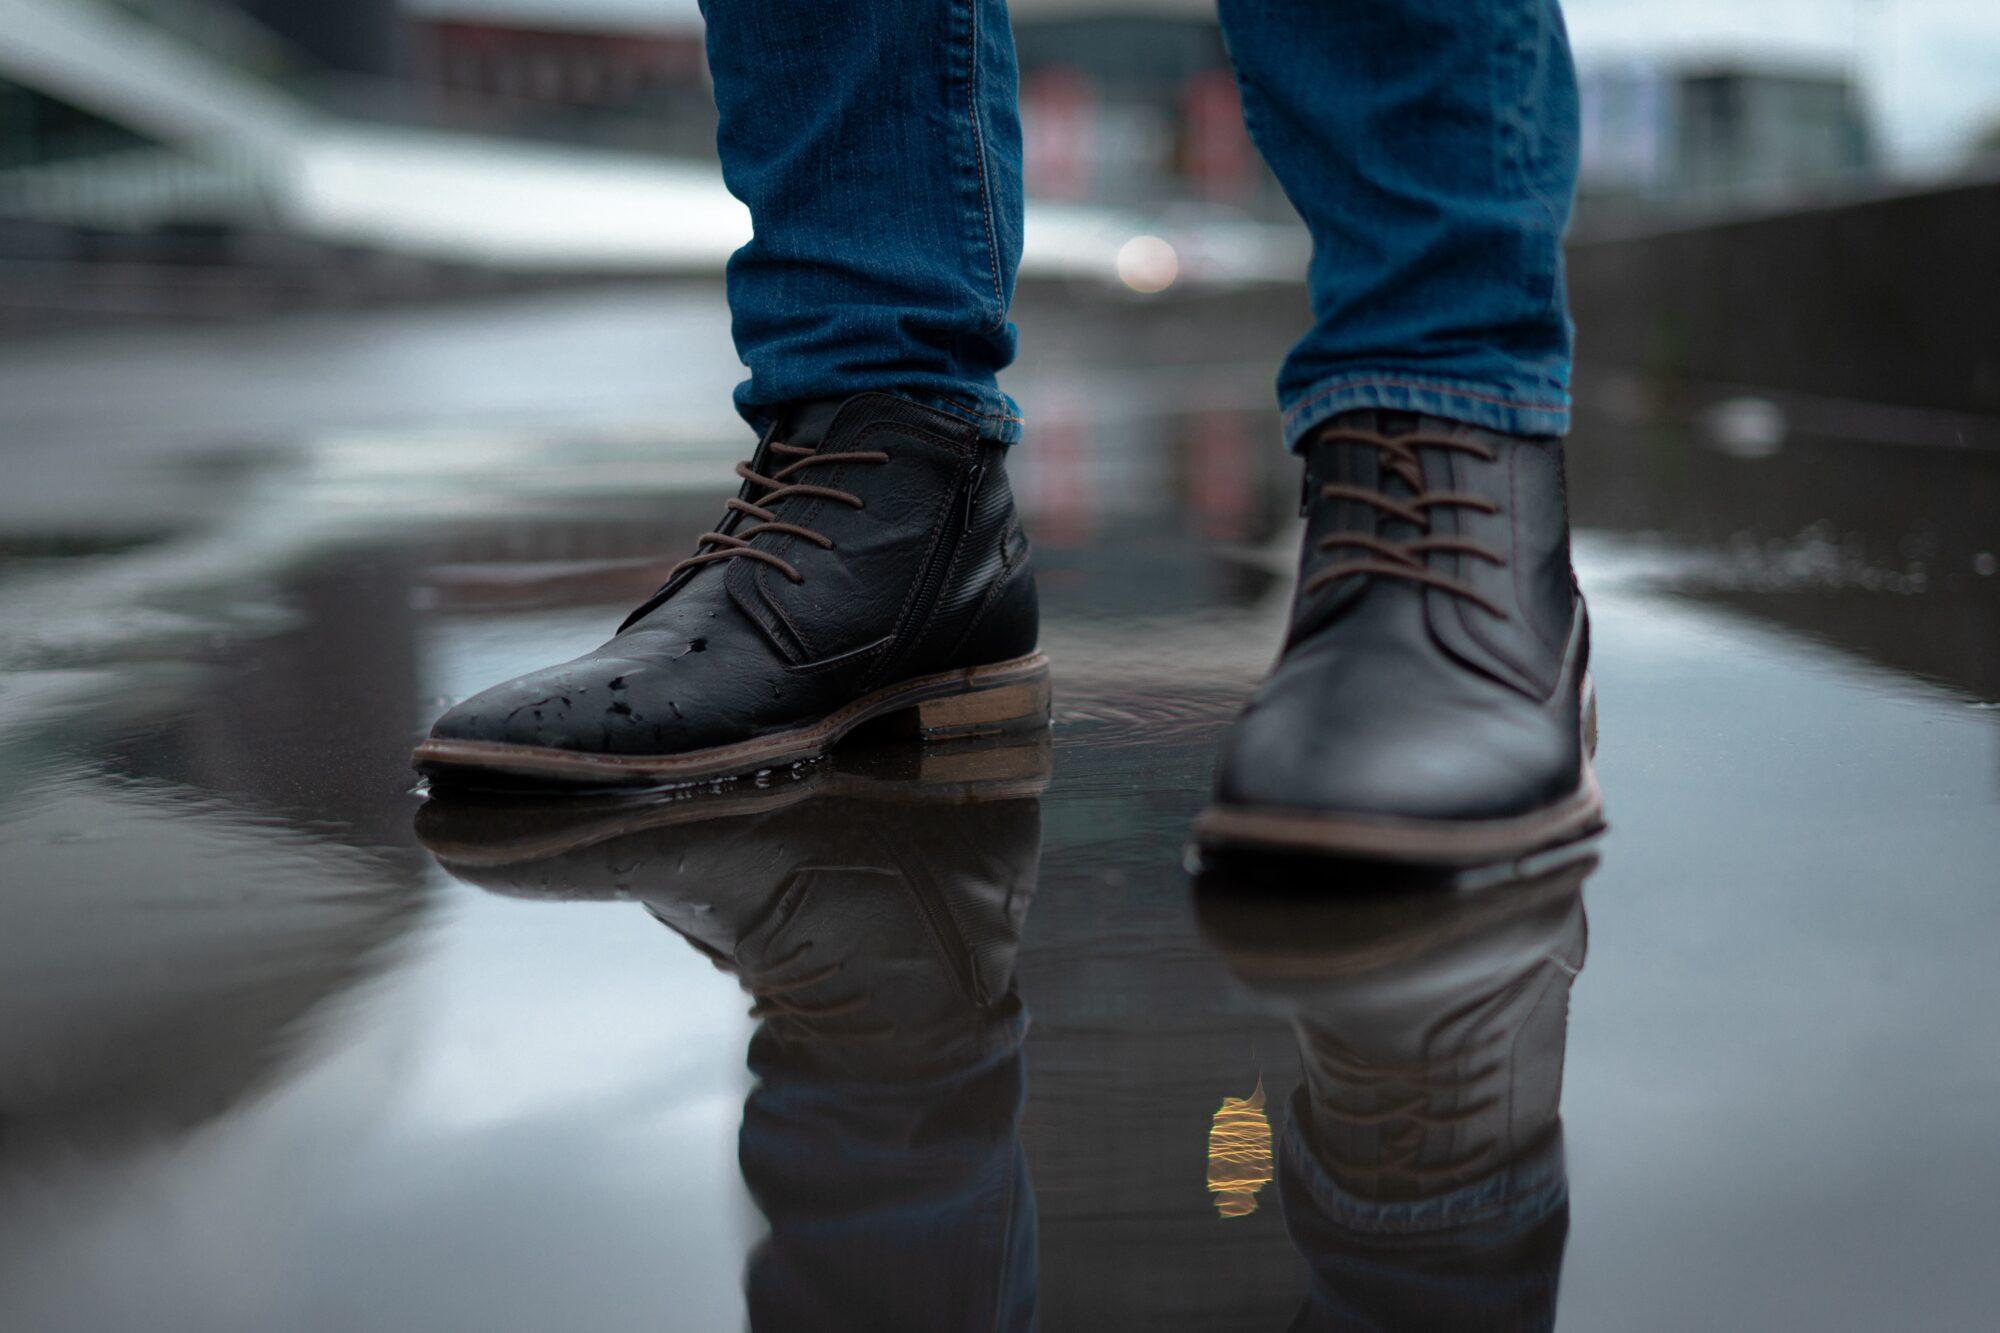 Herre støvler i allerhøjeste italienske kvalitet